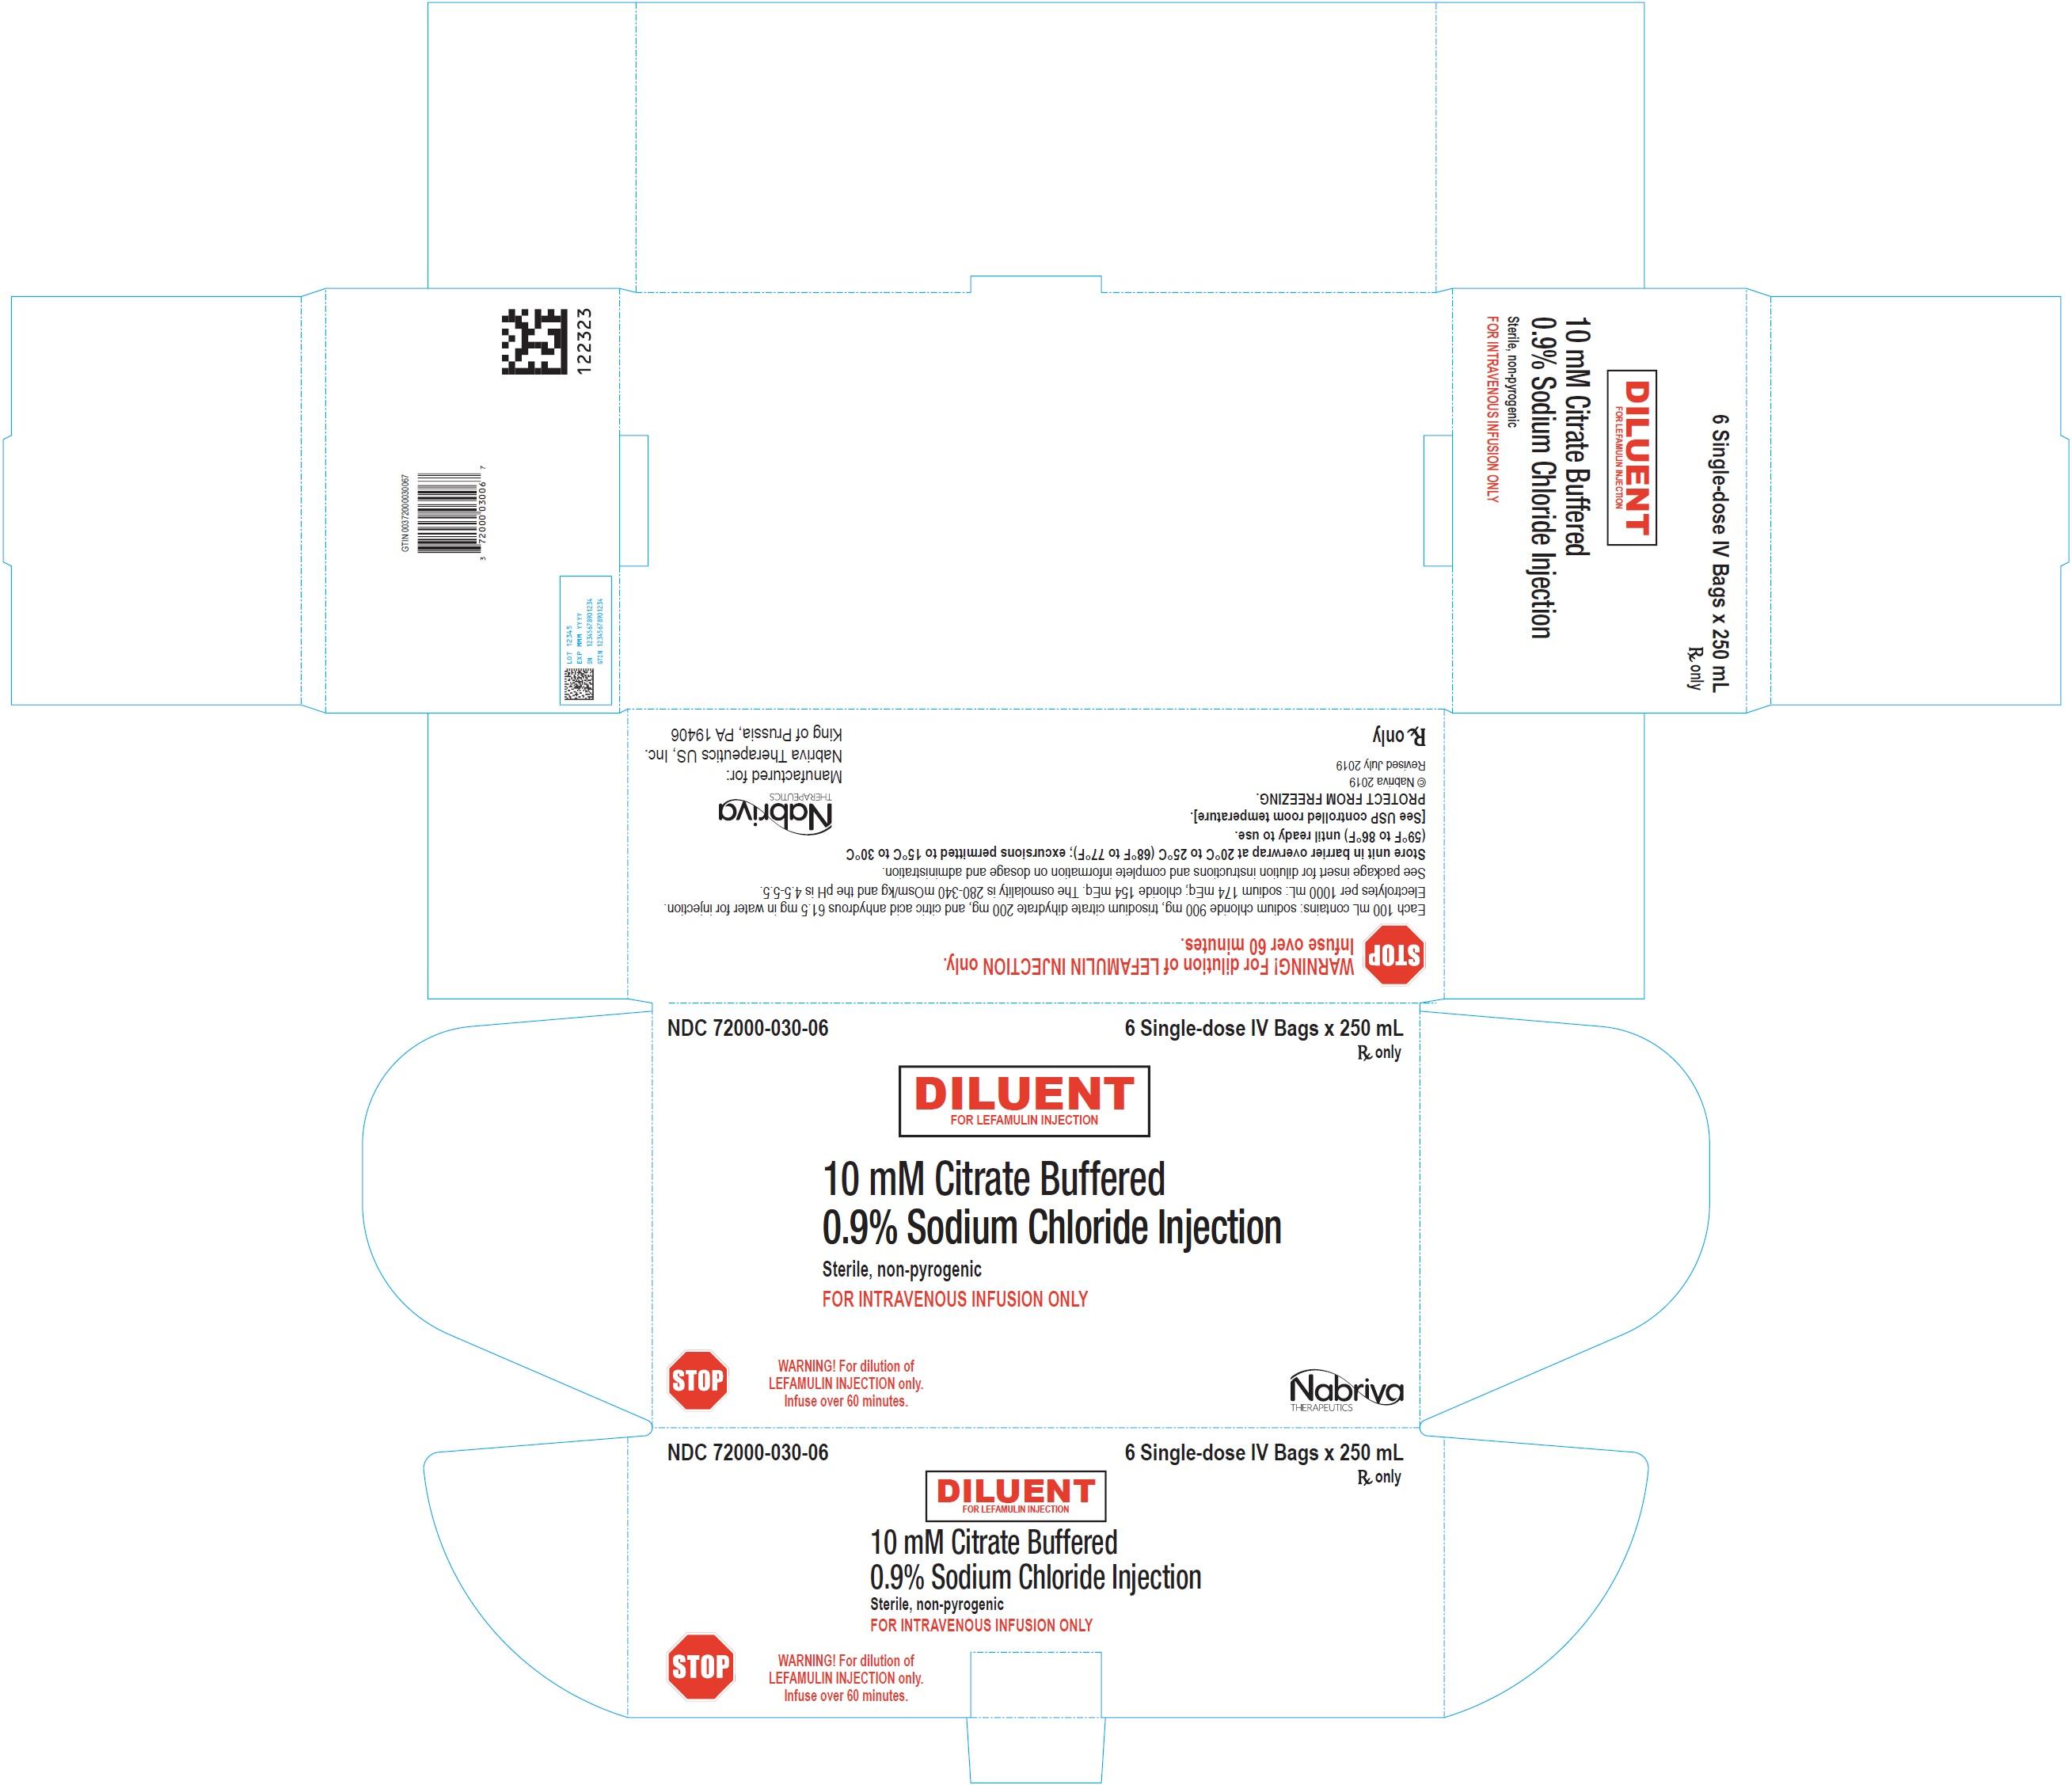 Diluent Carton Label